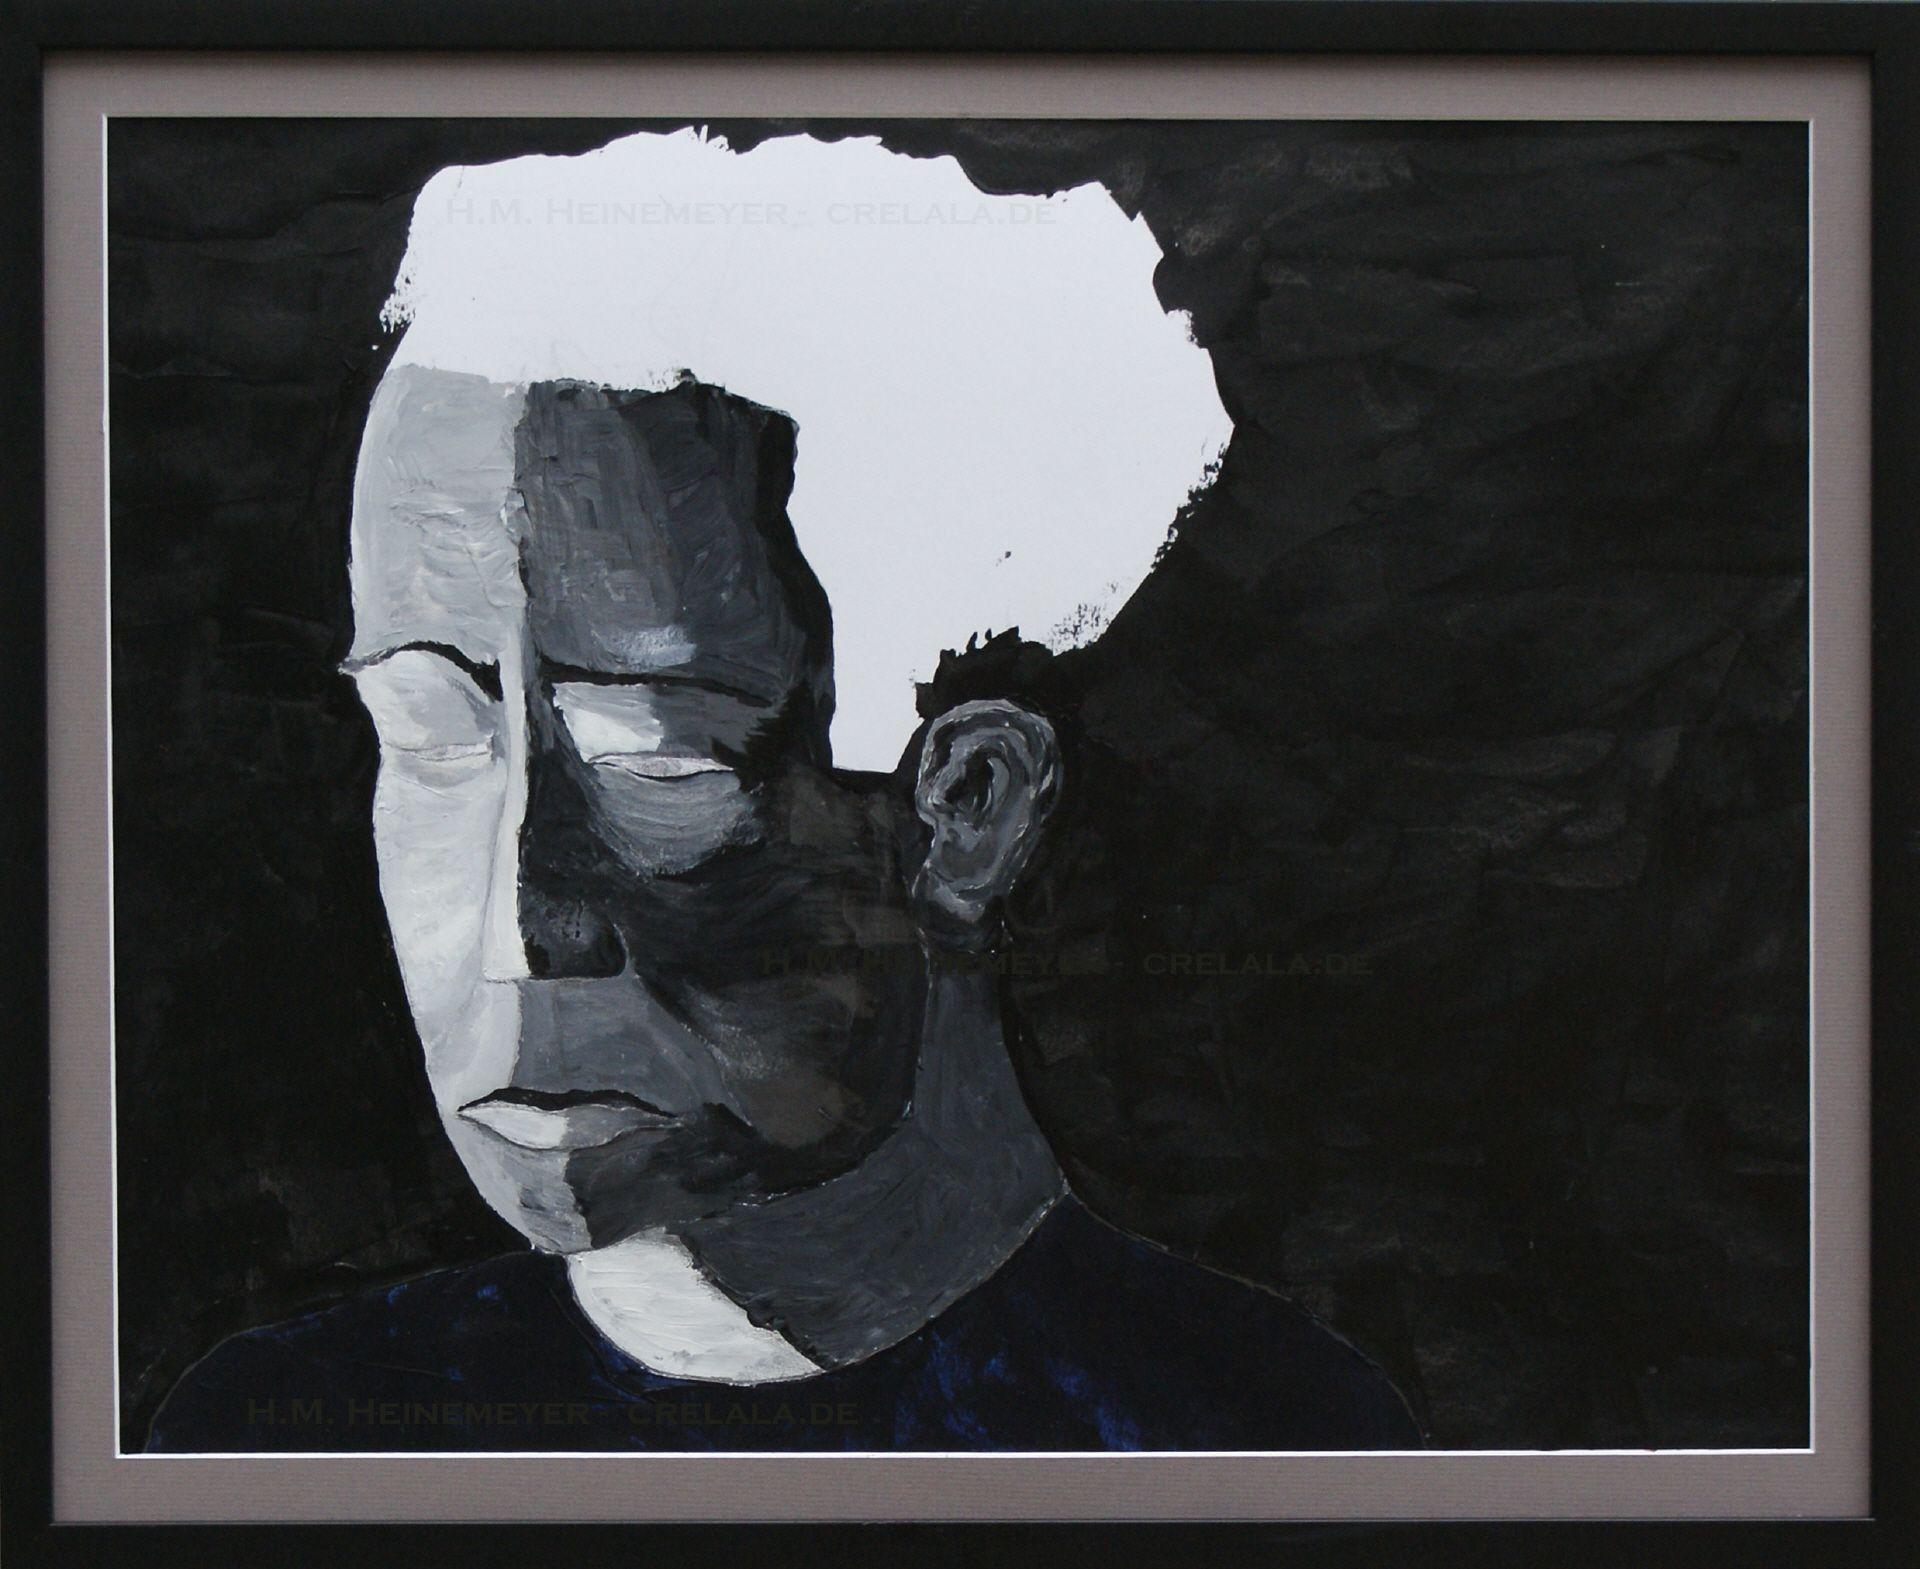 Kopf schwarz-weiss » H.M. Heinemeyer » Gemälde » Acrylbild   CRELALA Kunst